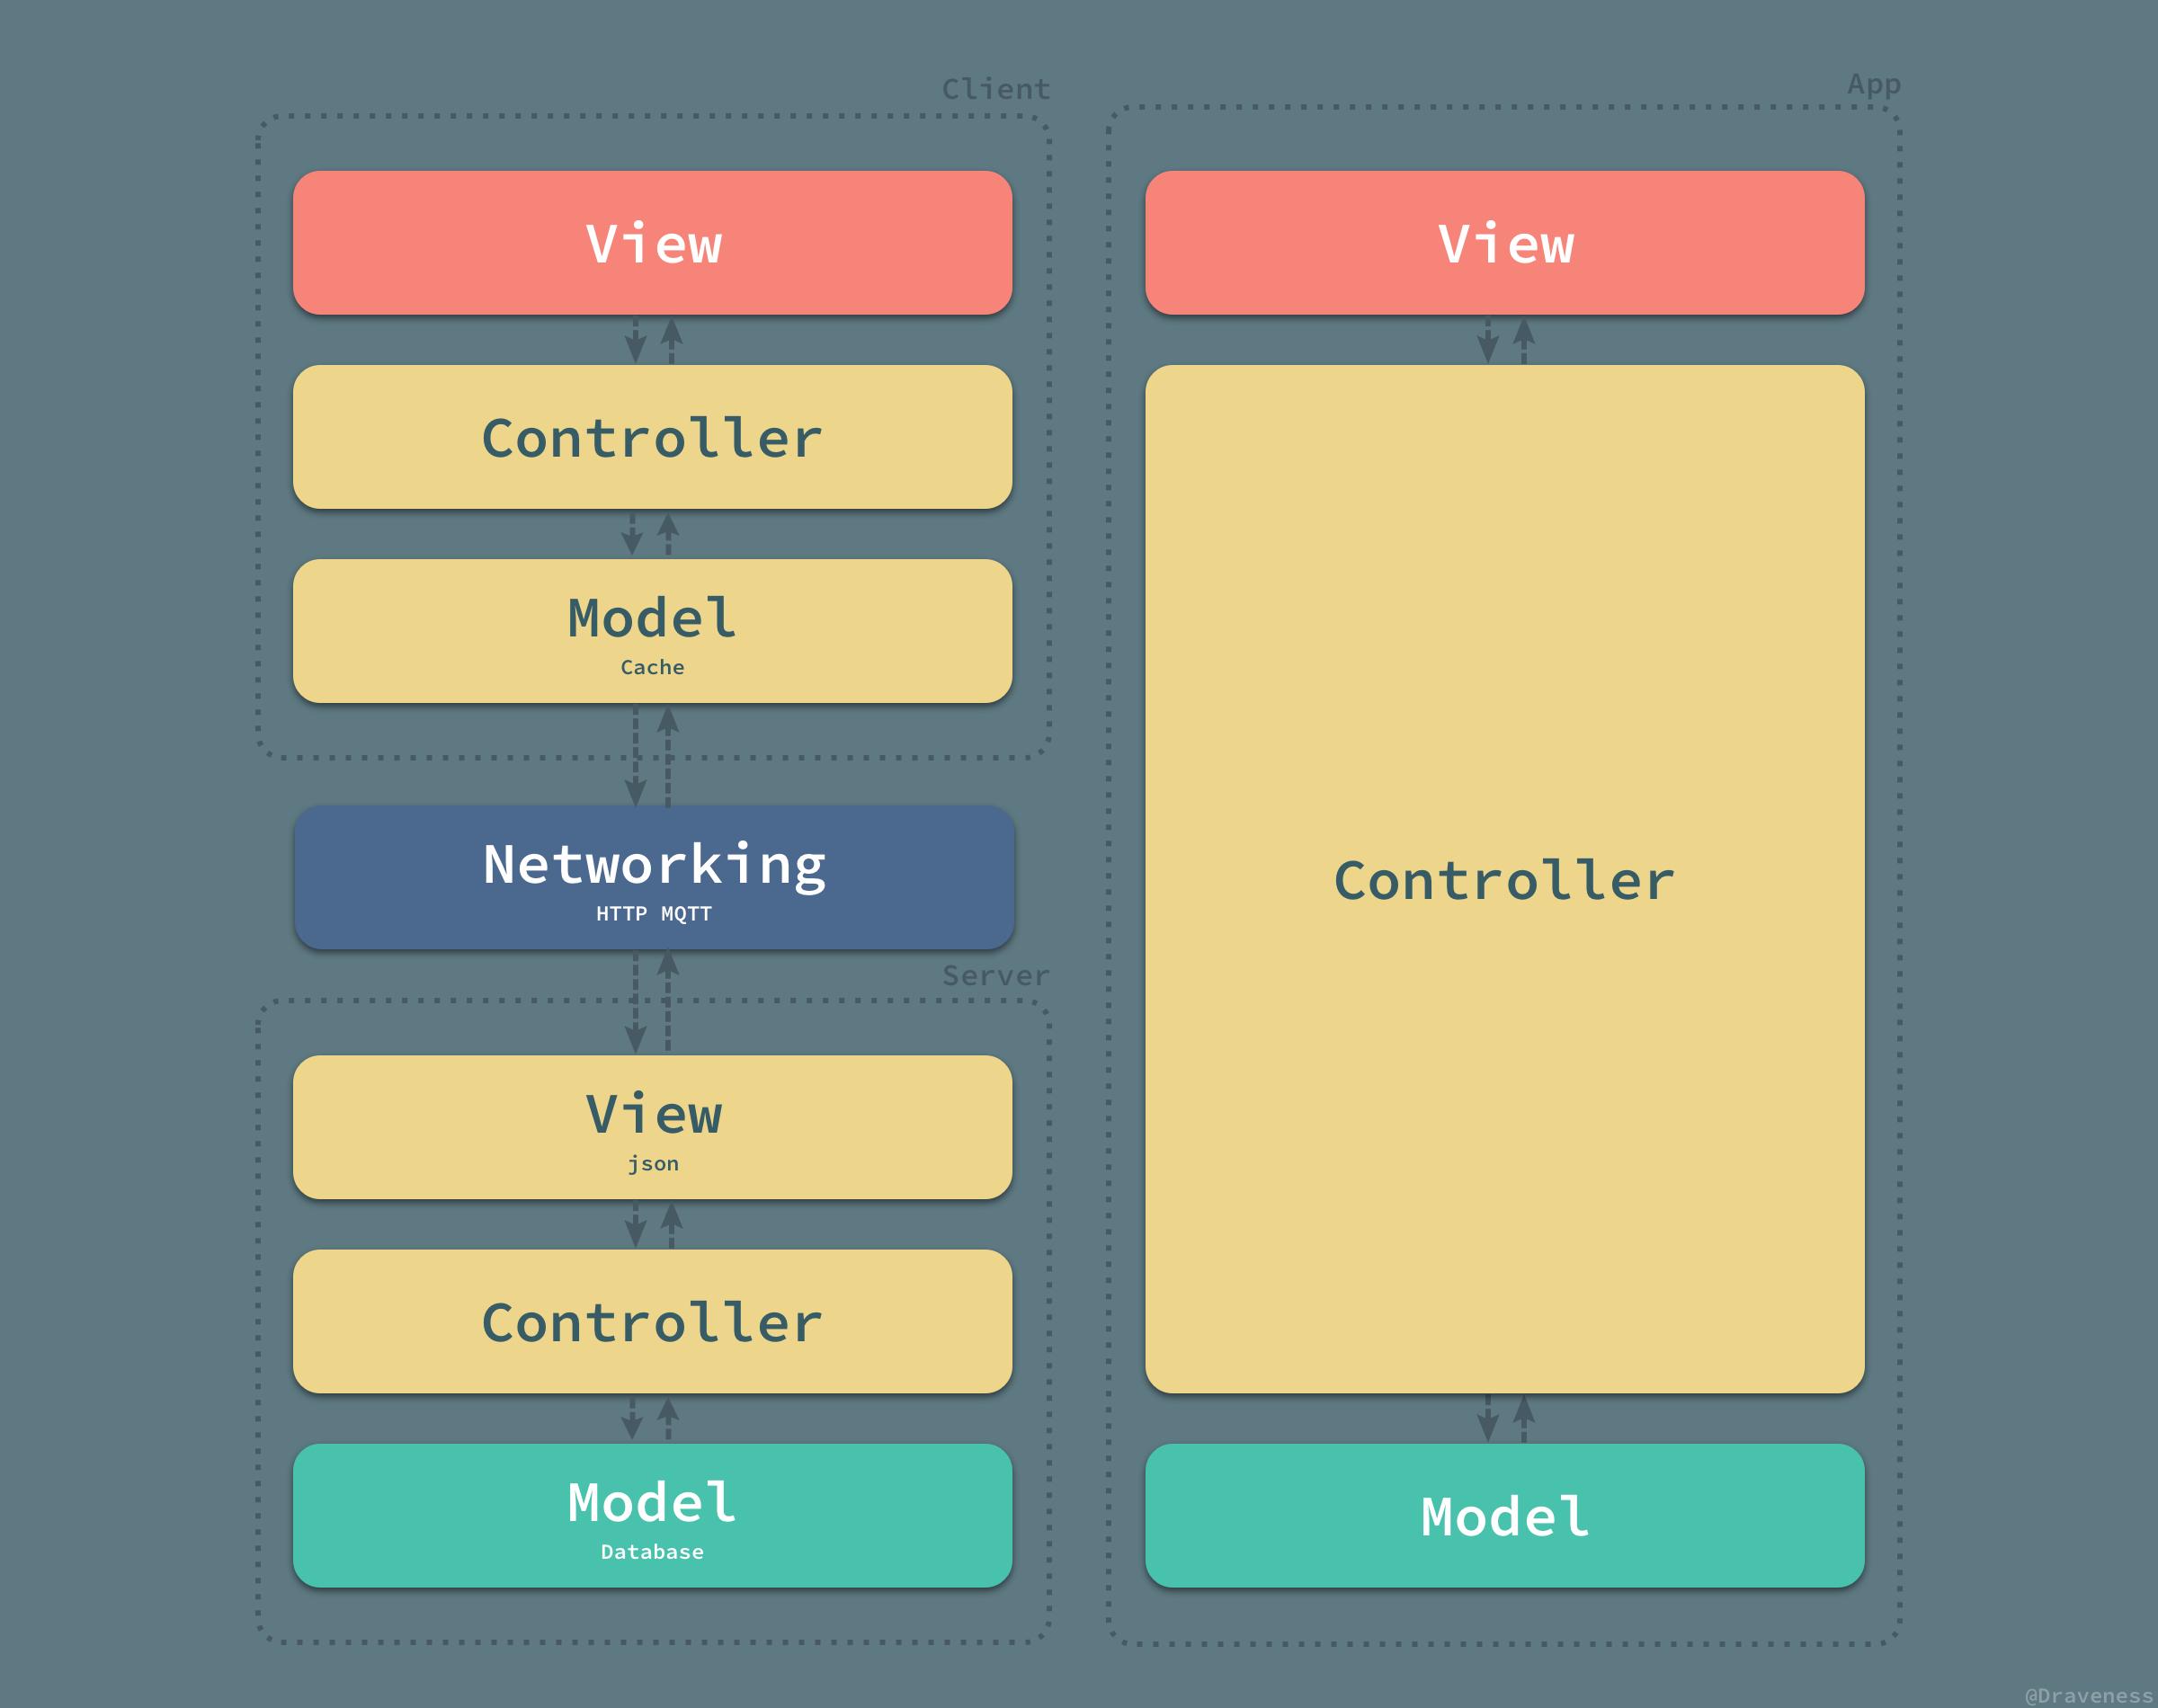 浅谈 MVC、MVP 和 MVVM 架构模式